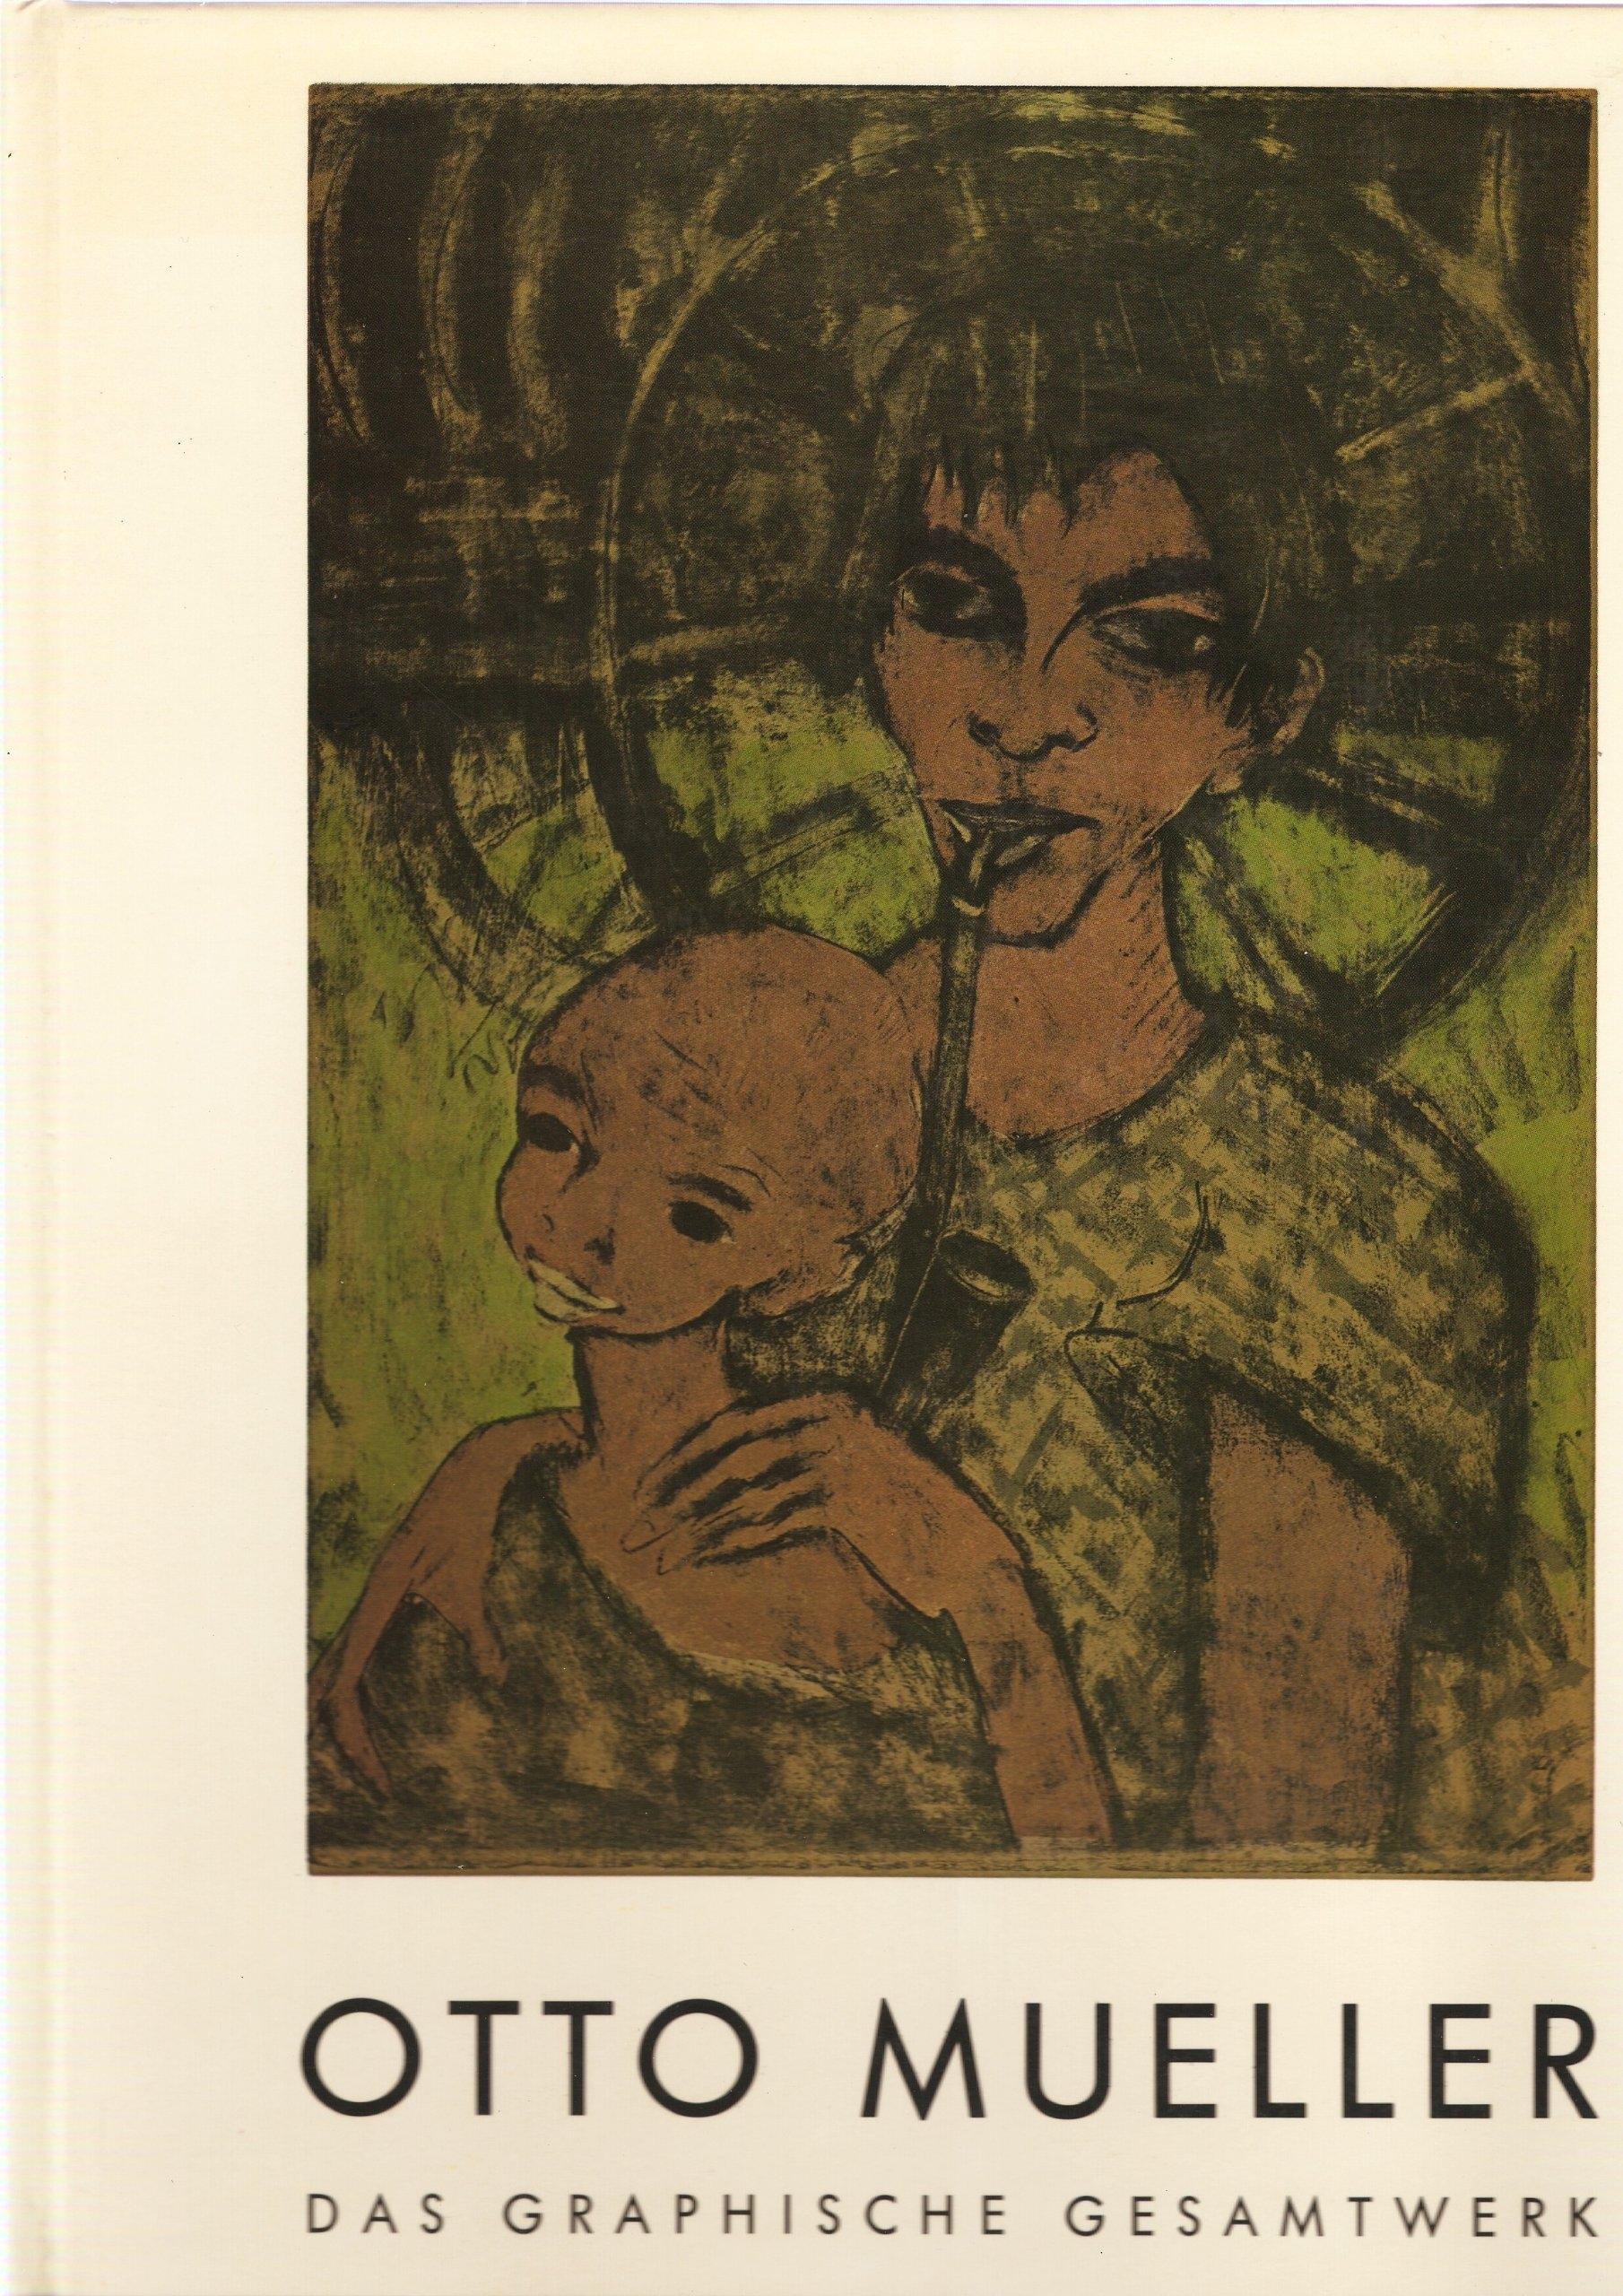 Otto Mueller zum Hundertsten Geburtstag. Das graphische Gesamtwerk Holzschnitte, Radierungen, Lithographien, Farblithographien.